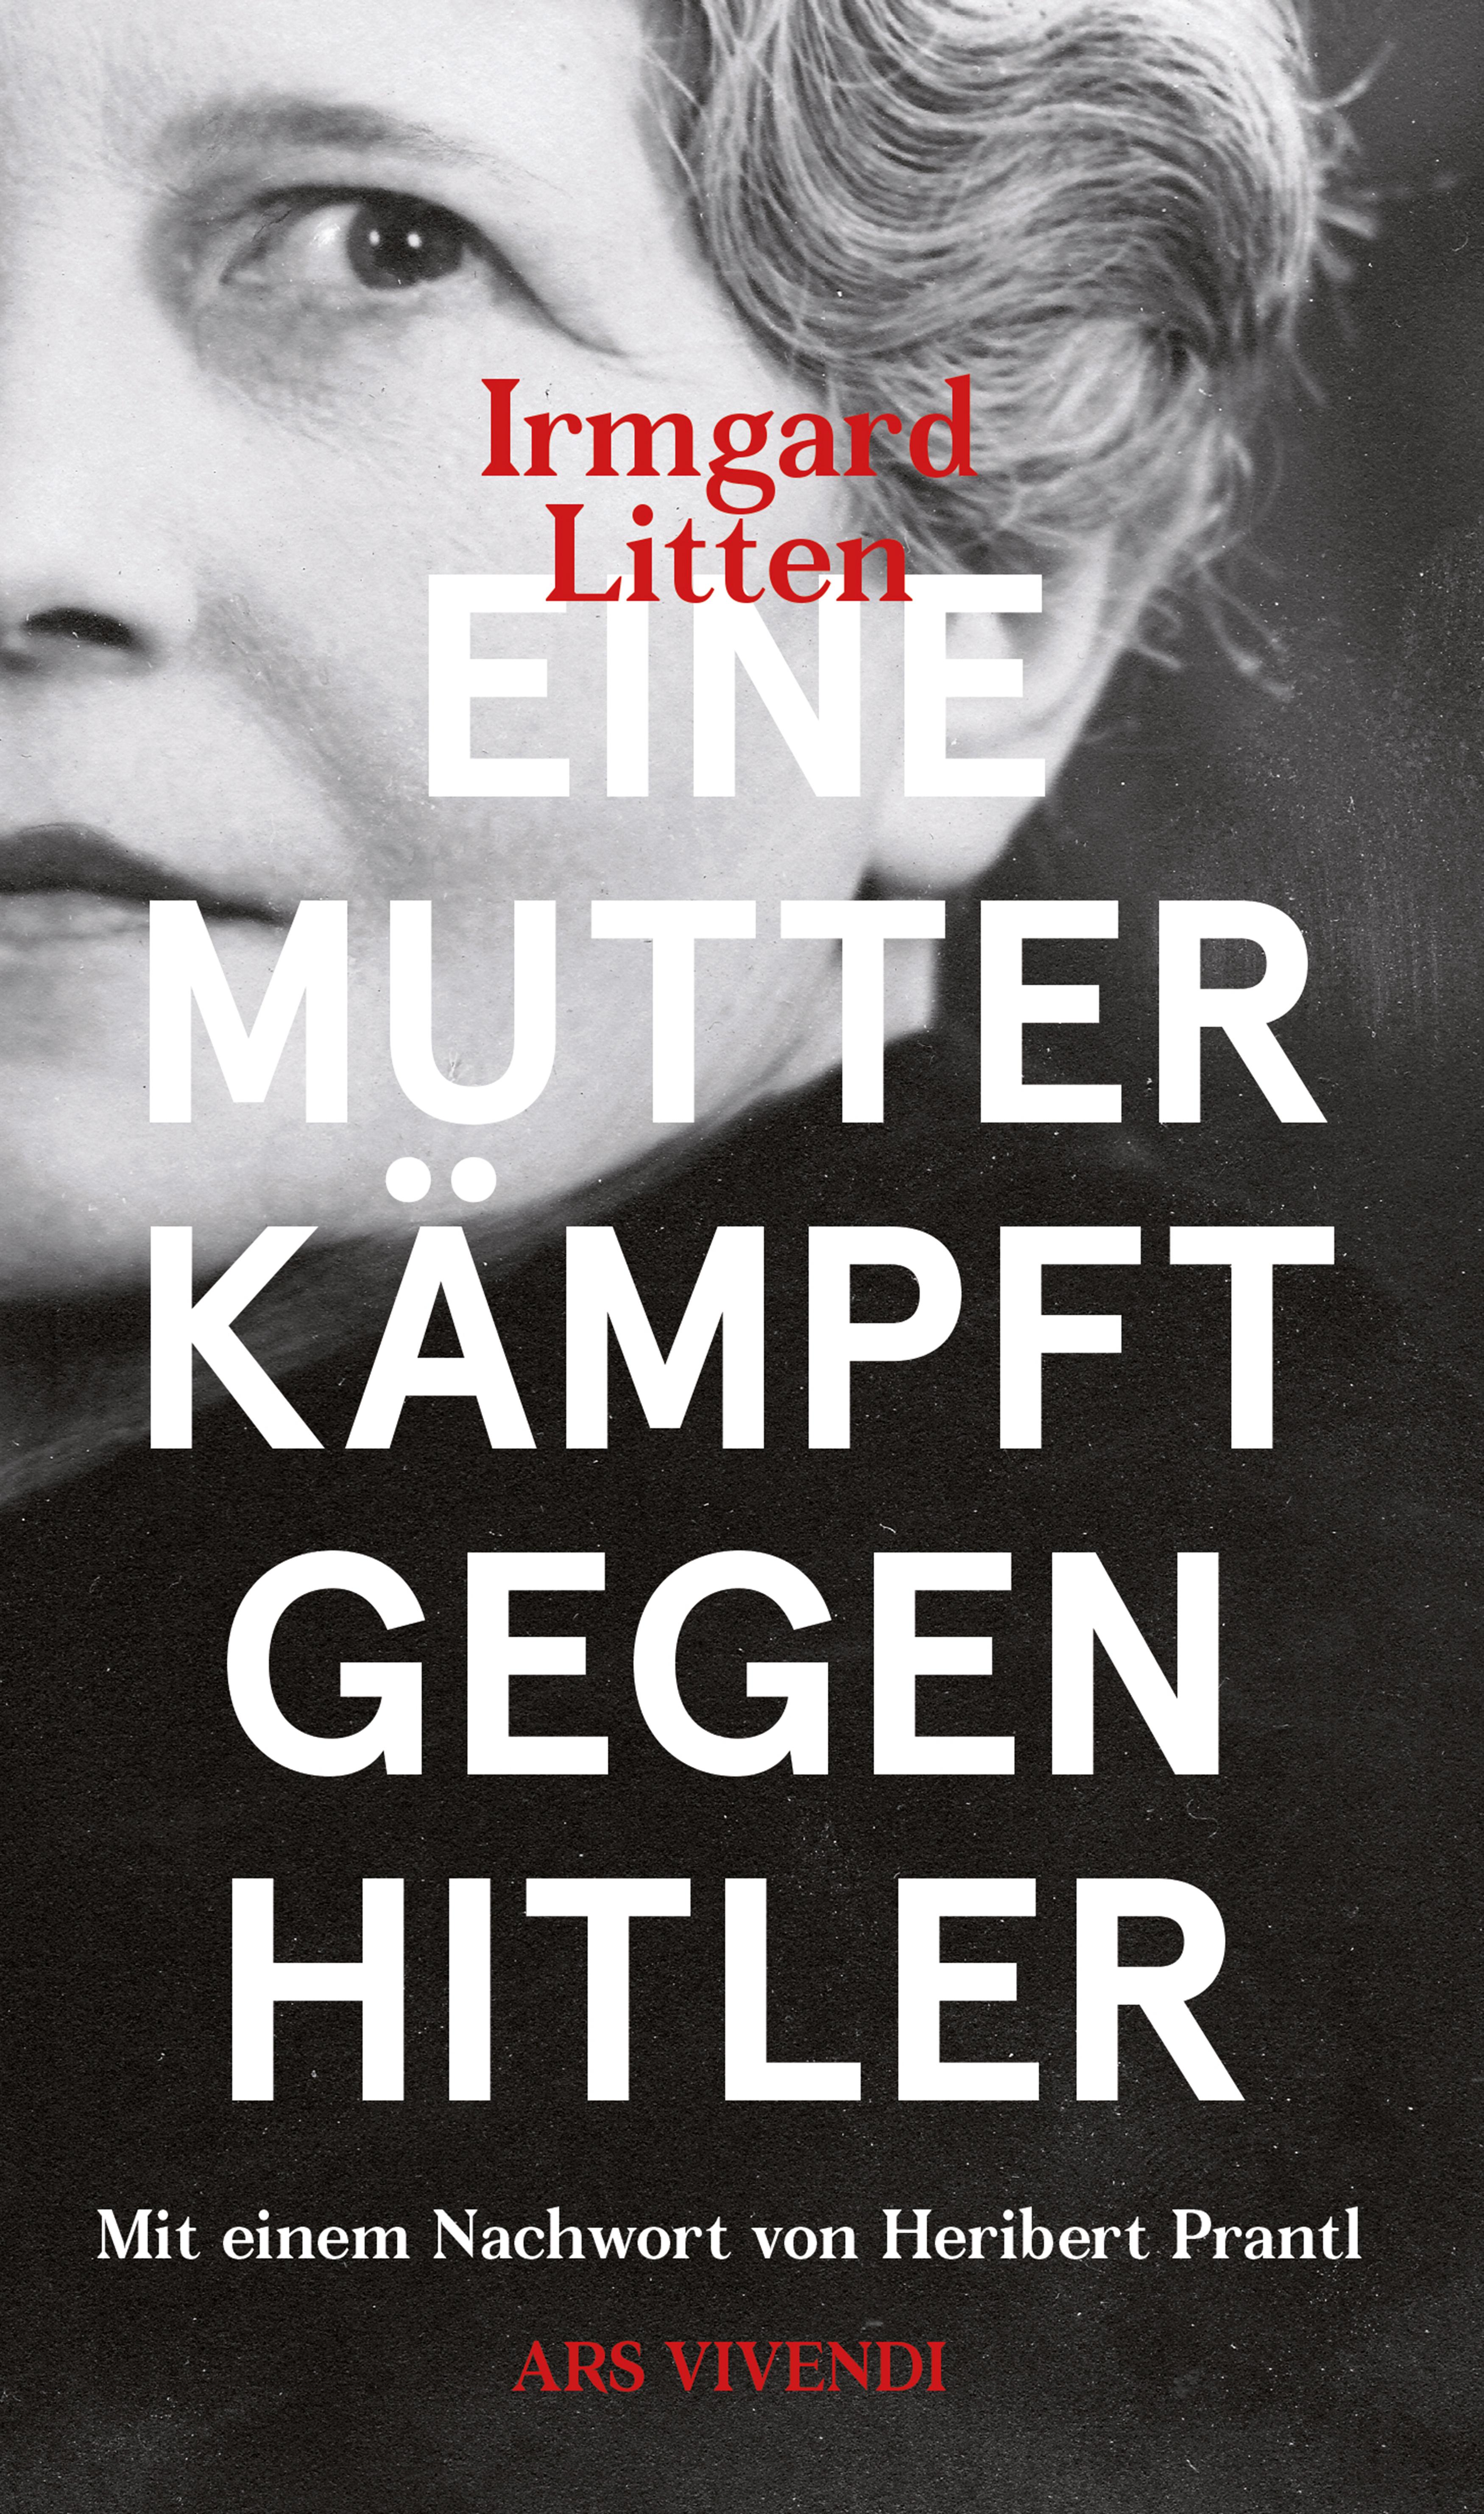 Irmgard Litten Eine Mutter kämpft gegen Hitler (eBook) hitler